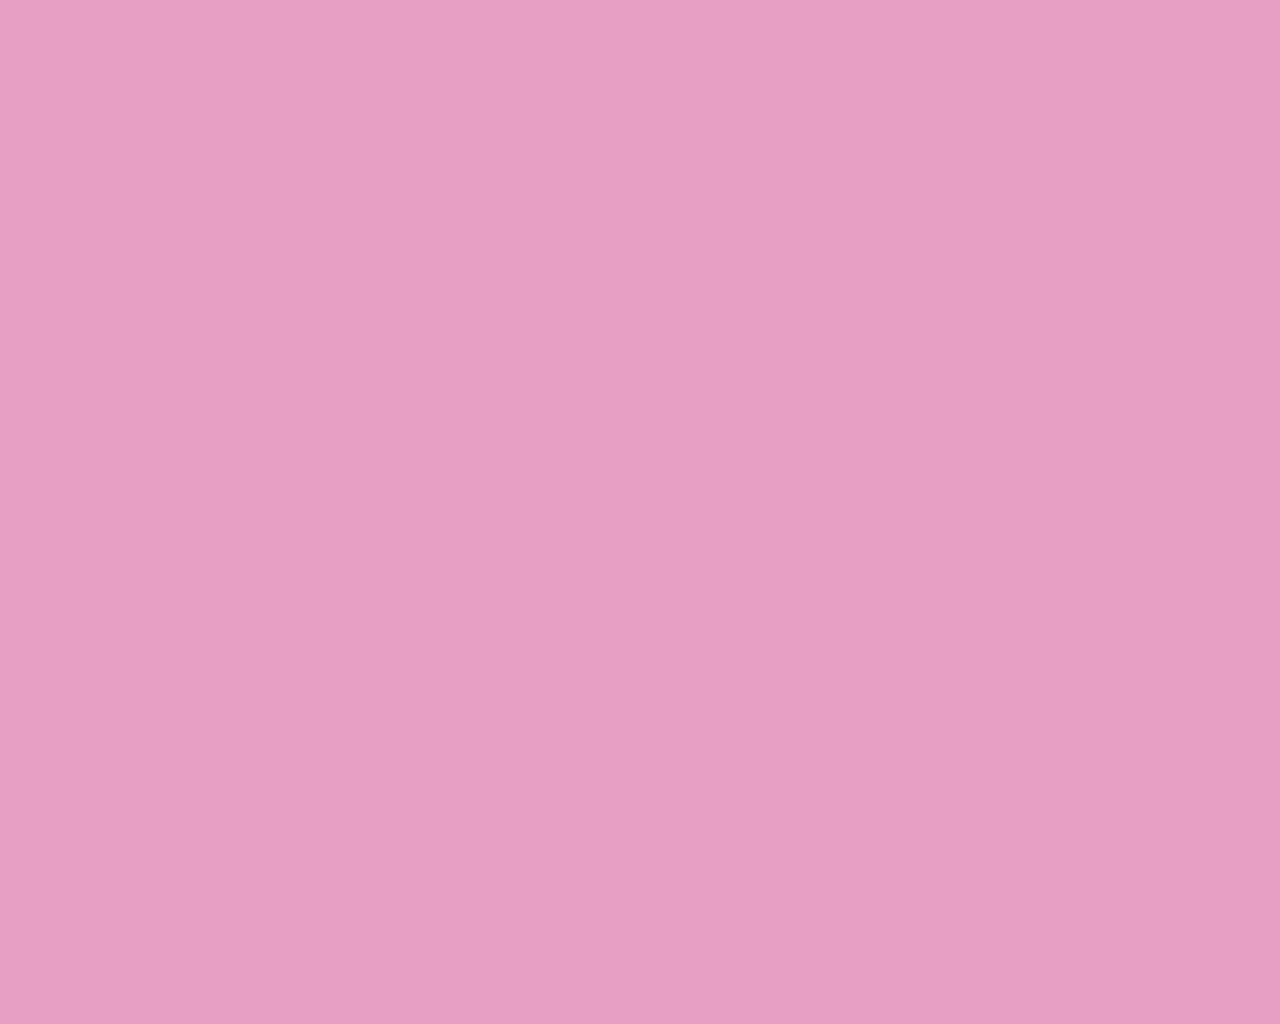 1280x1024 Kobi Solid Color Background